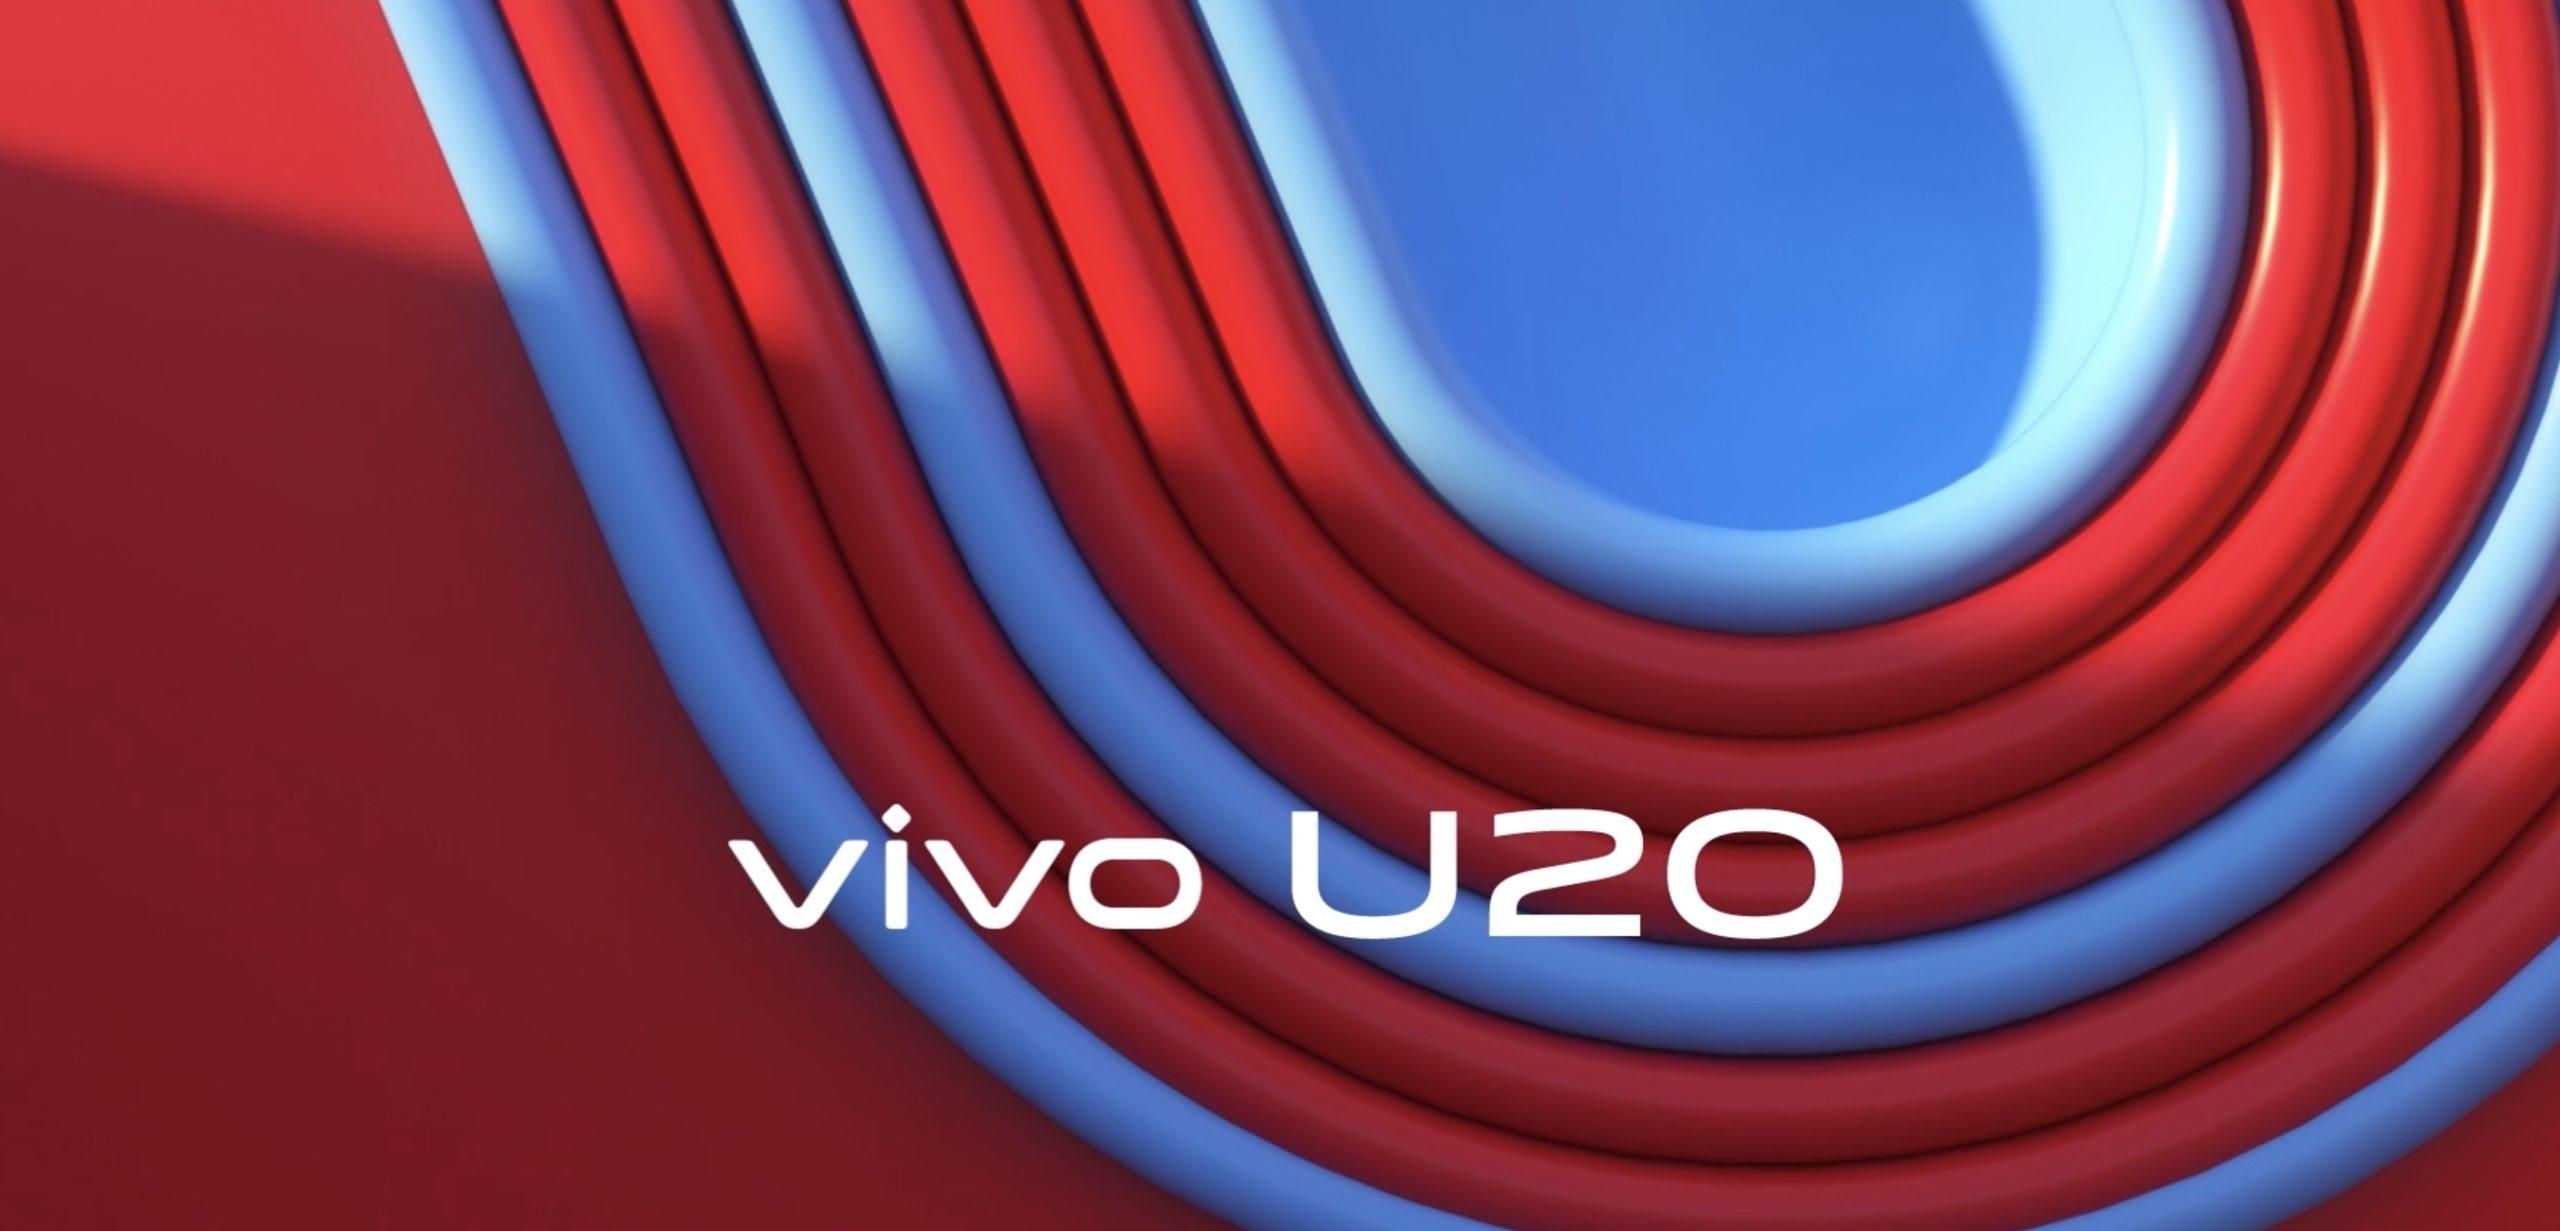 Vivo U20